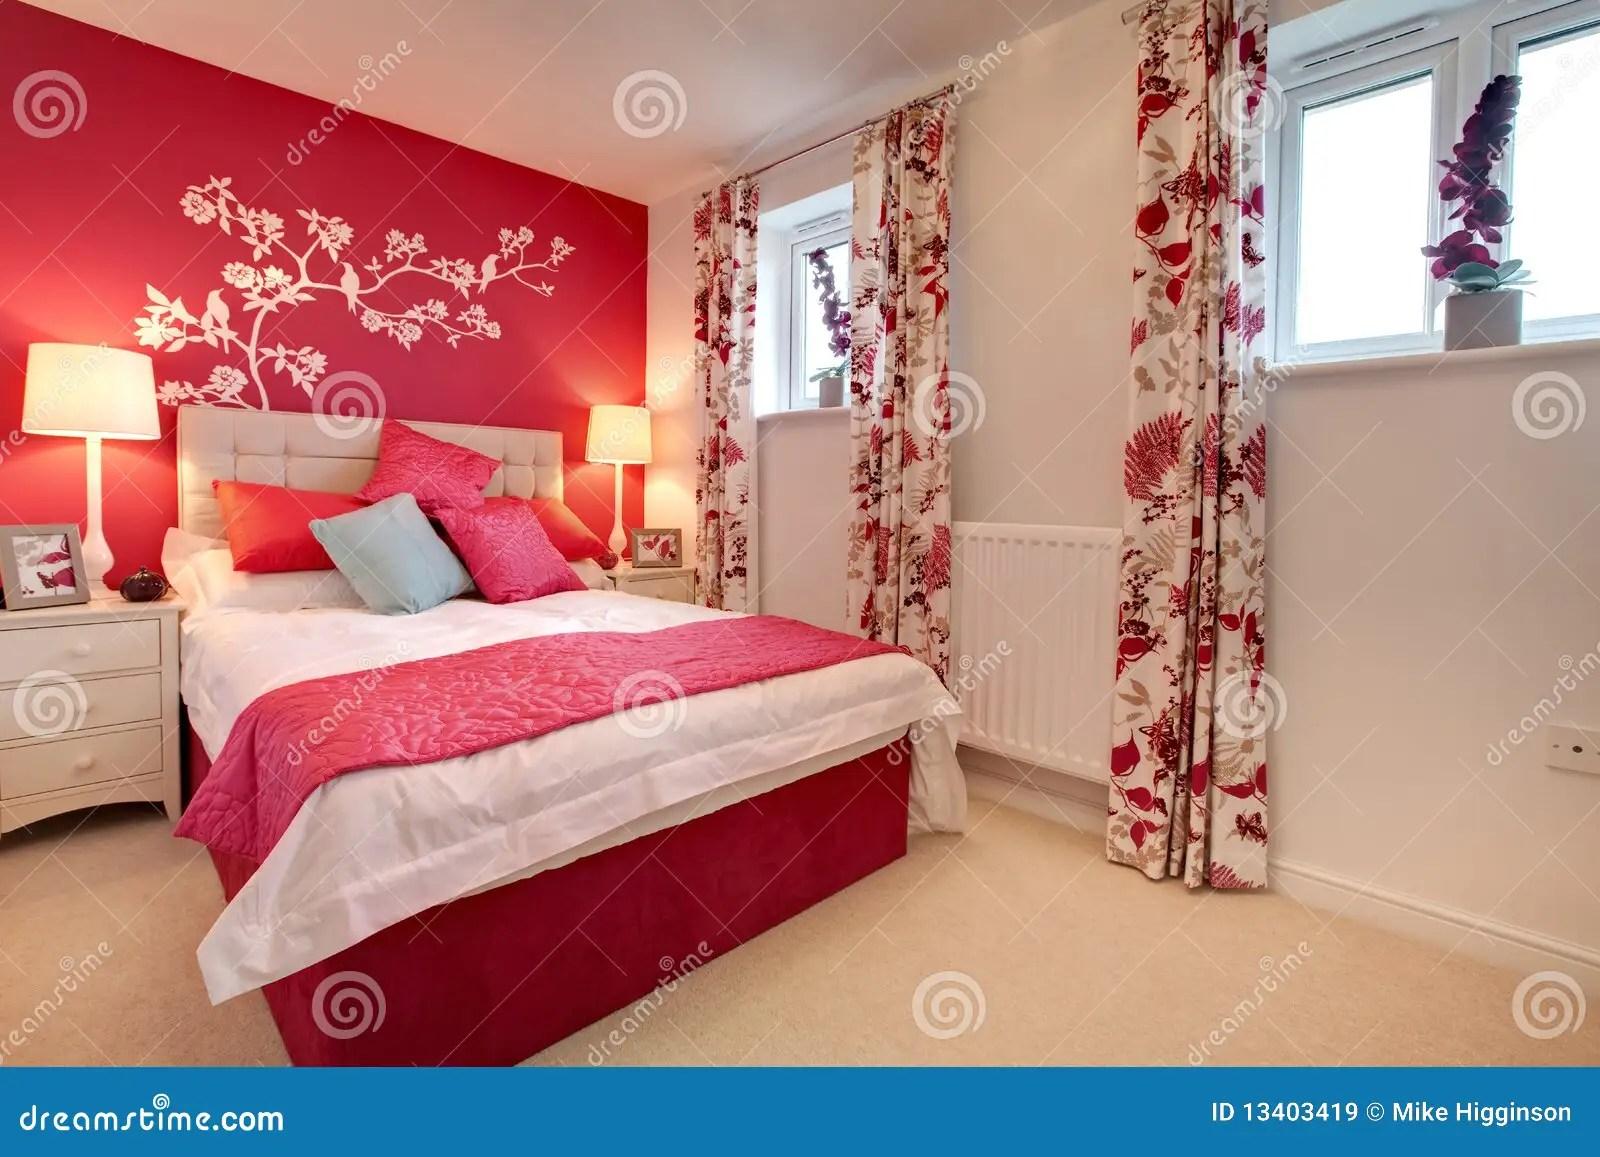 Chambre  Coucher Brillamment Dcore Moderne Images libres de droits  Image 13403419